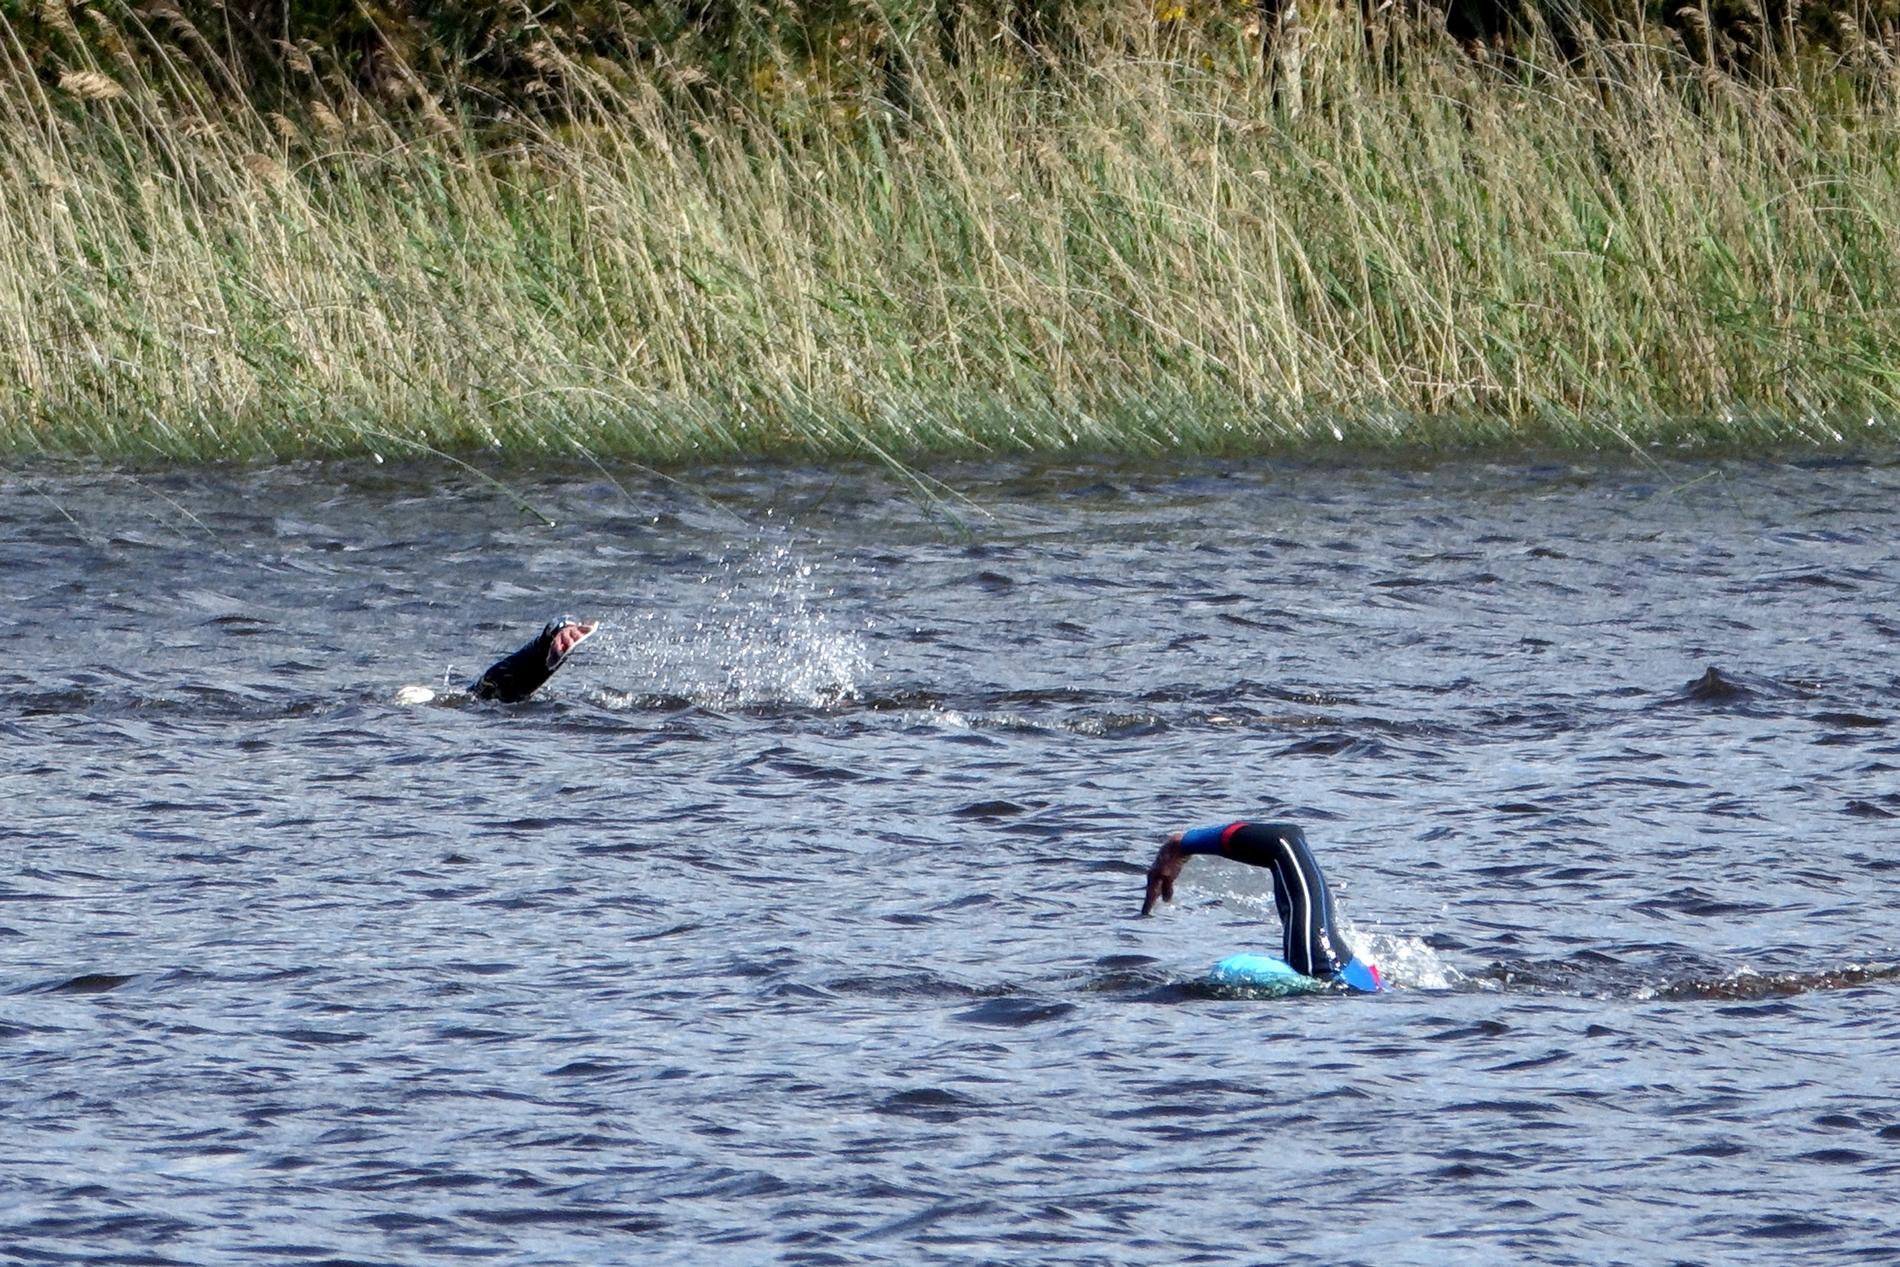 tu vois des nageurs dans une eau limpide mais un tantinet fraîche, .......